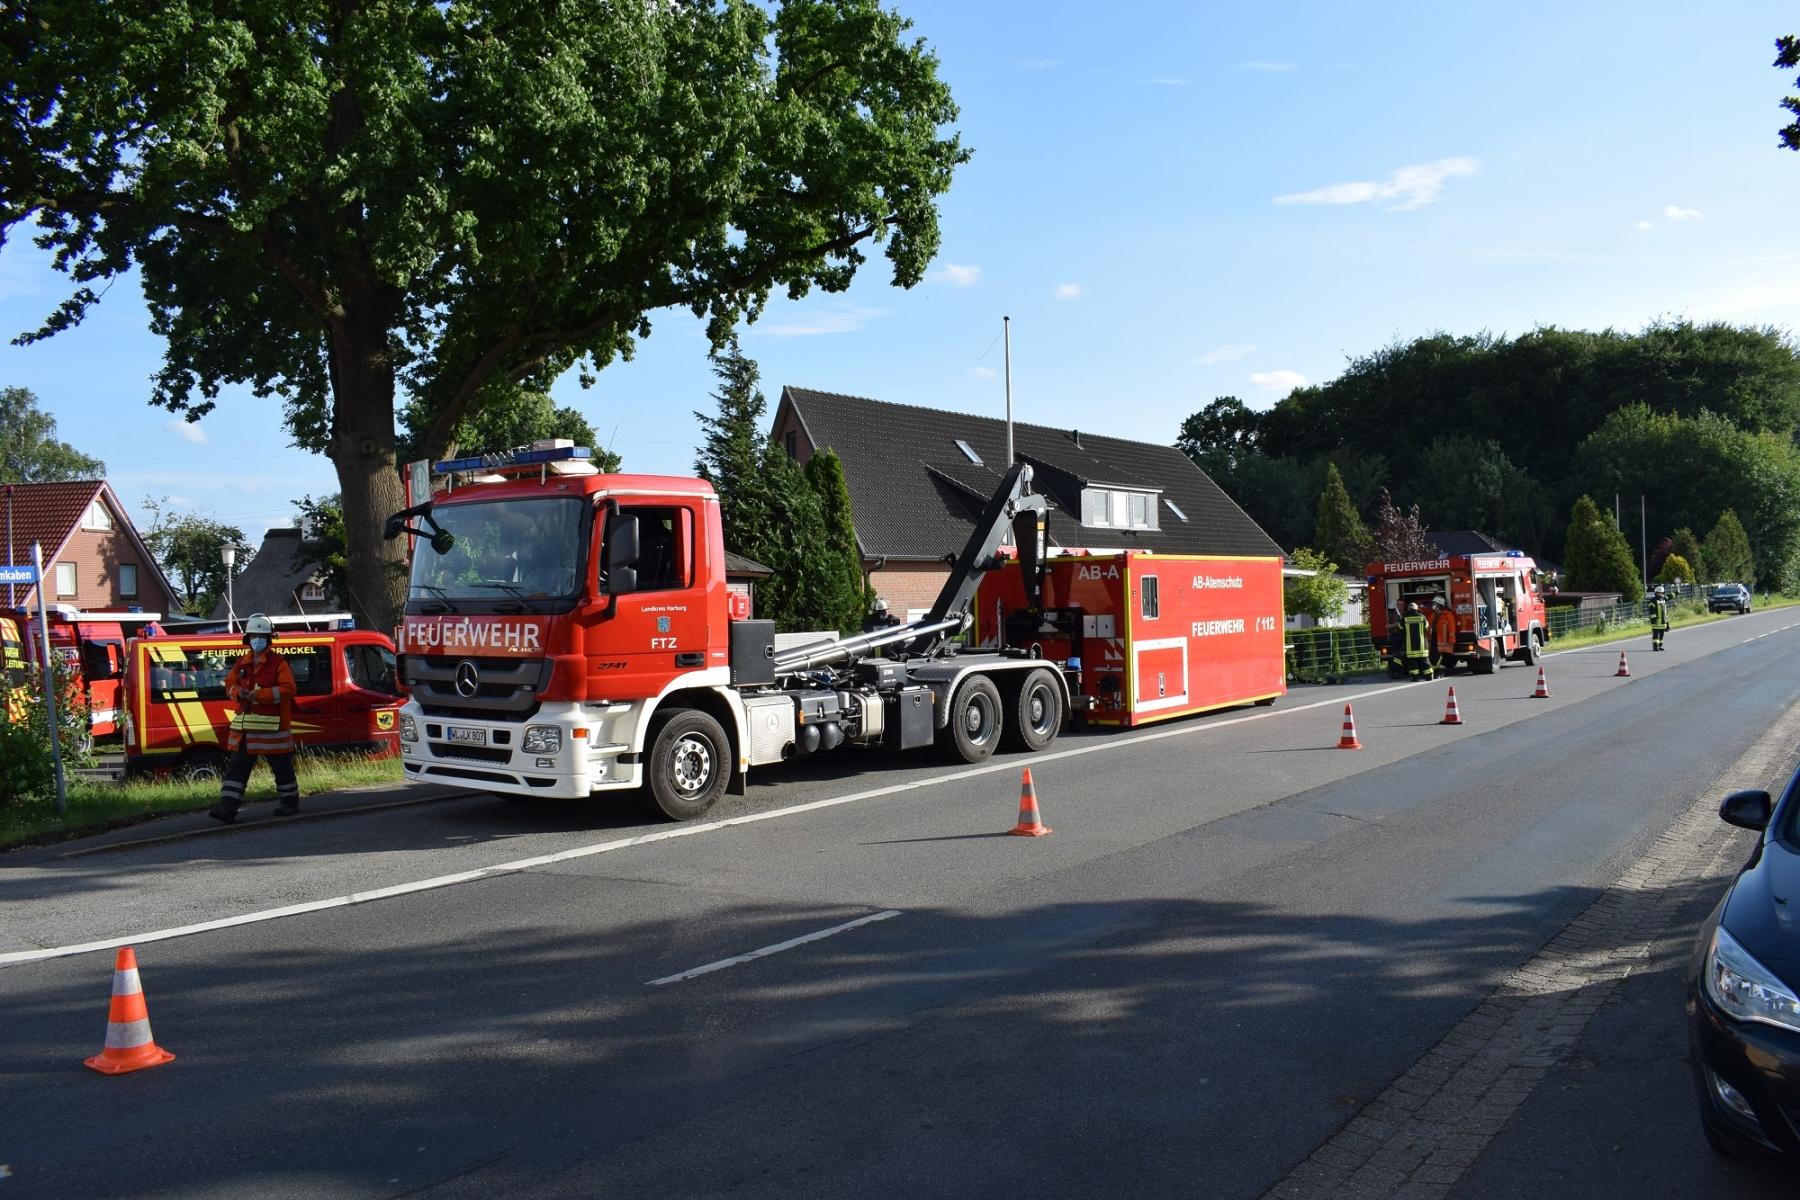 20-06-20-F2-Thieshope-Bild-4